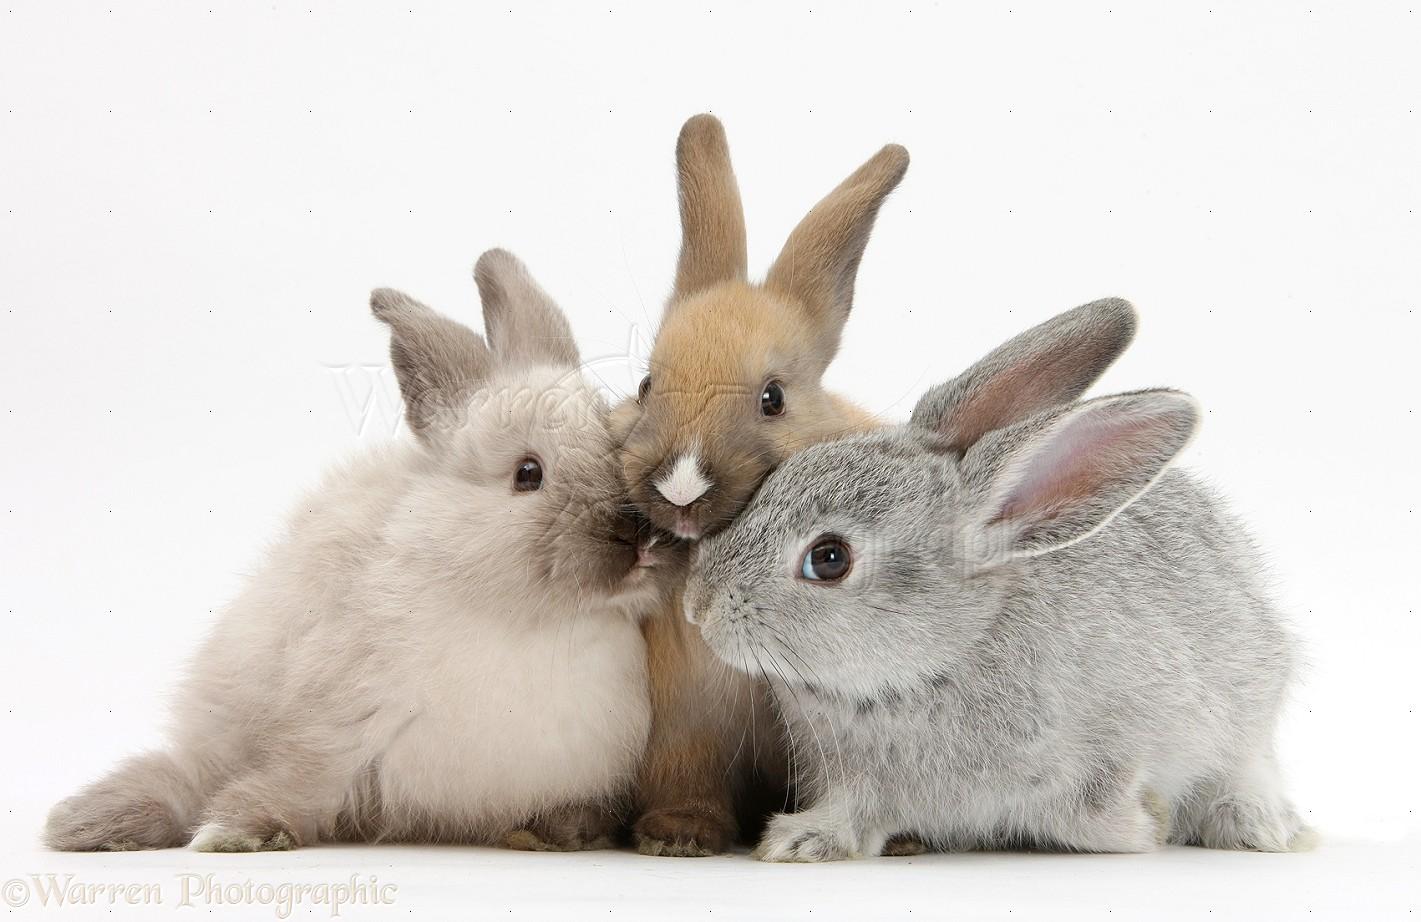 Wp26329 three baby rabbits